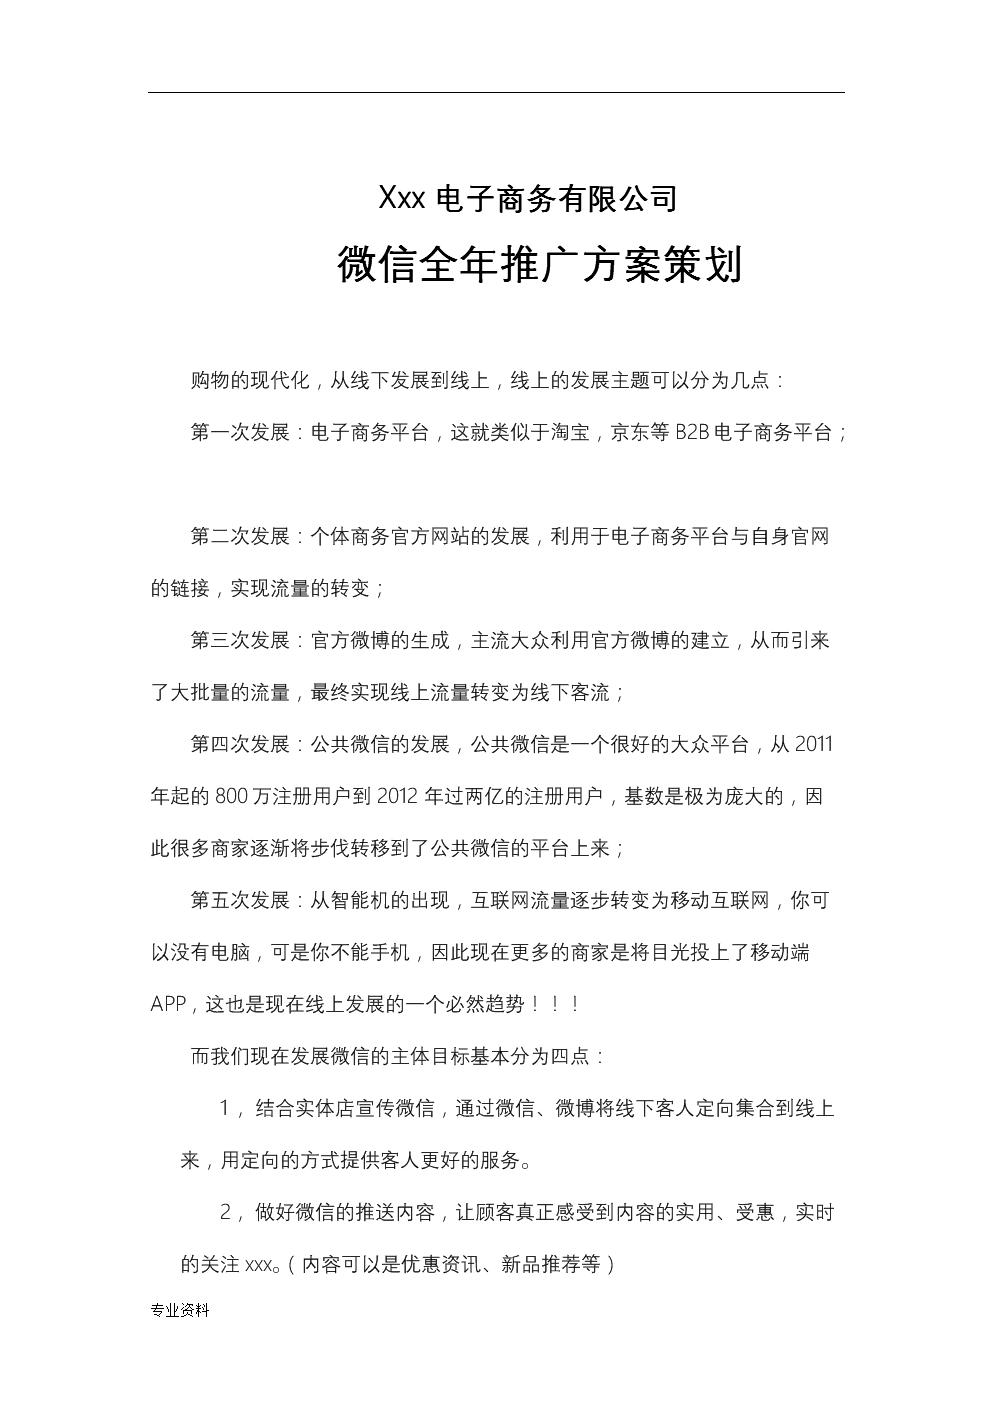 公司微信全年推广策划实施方案.doc